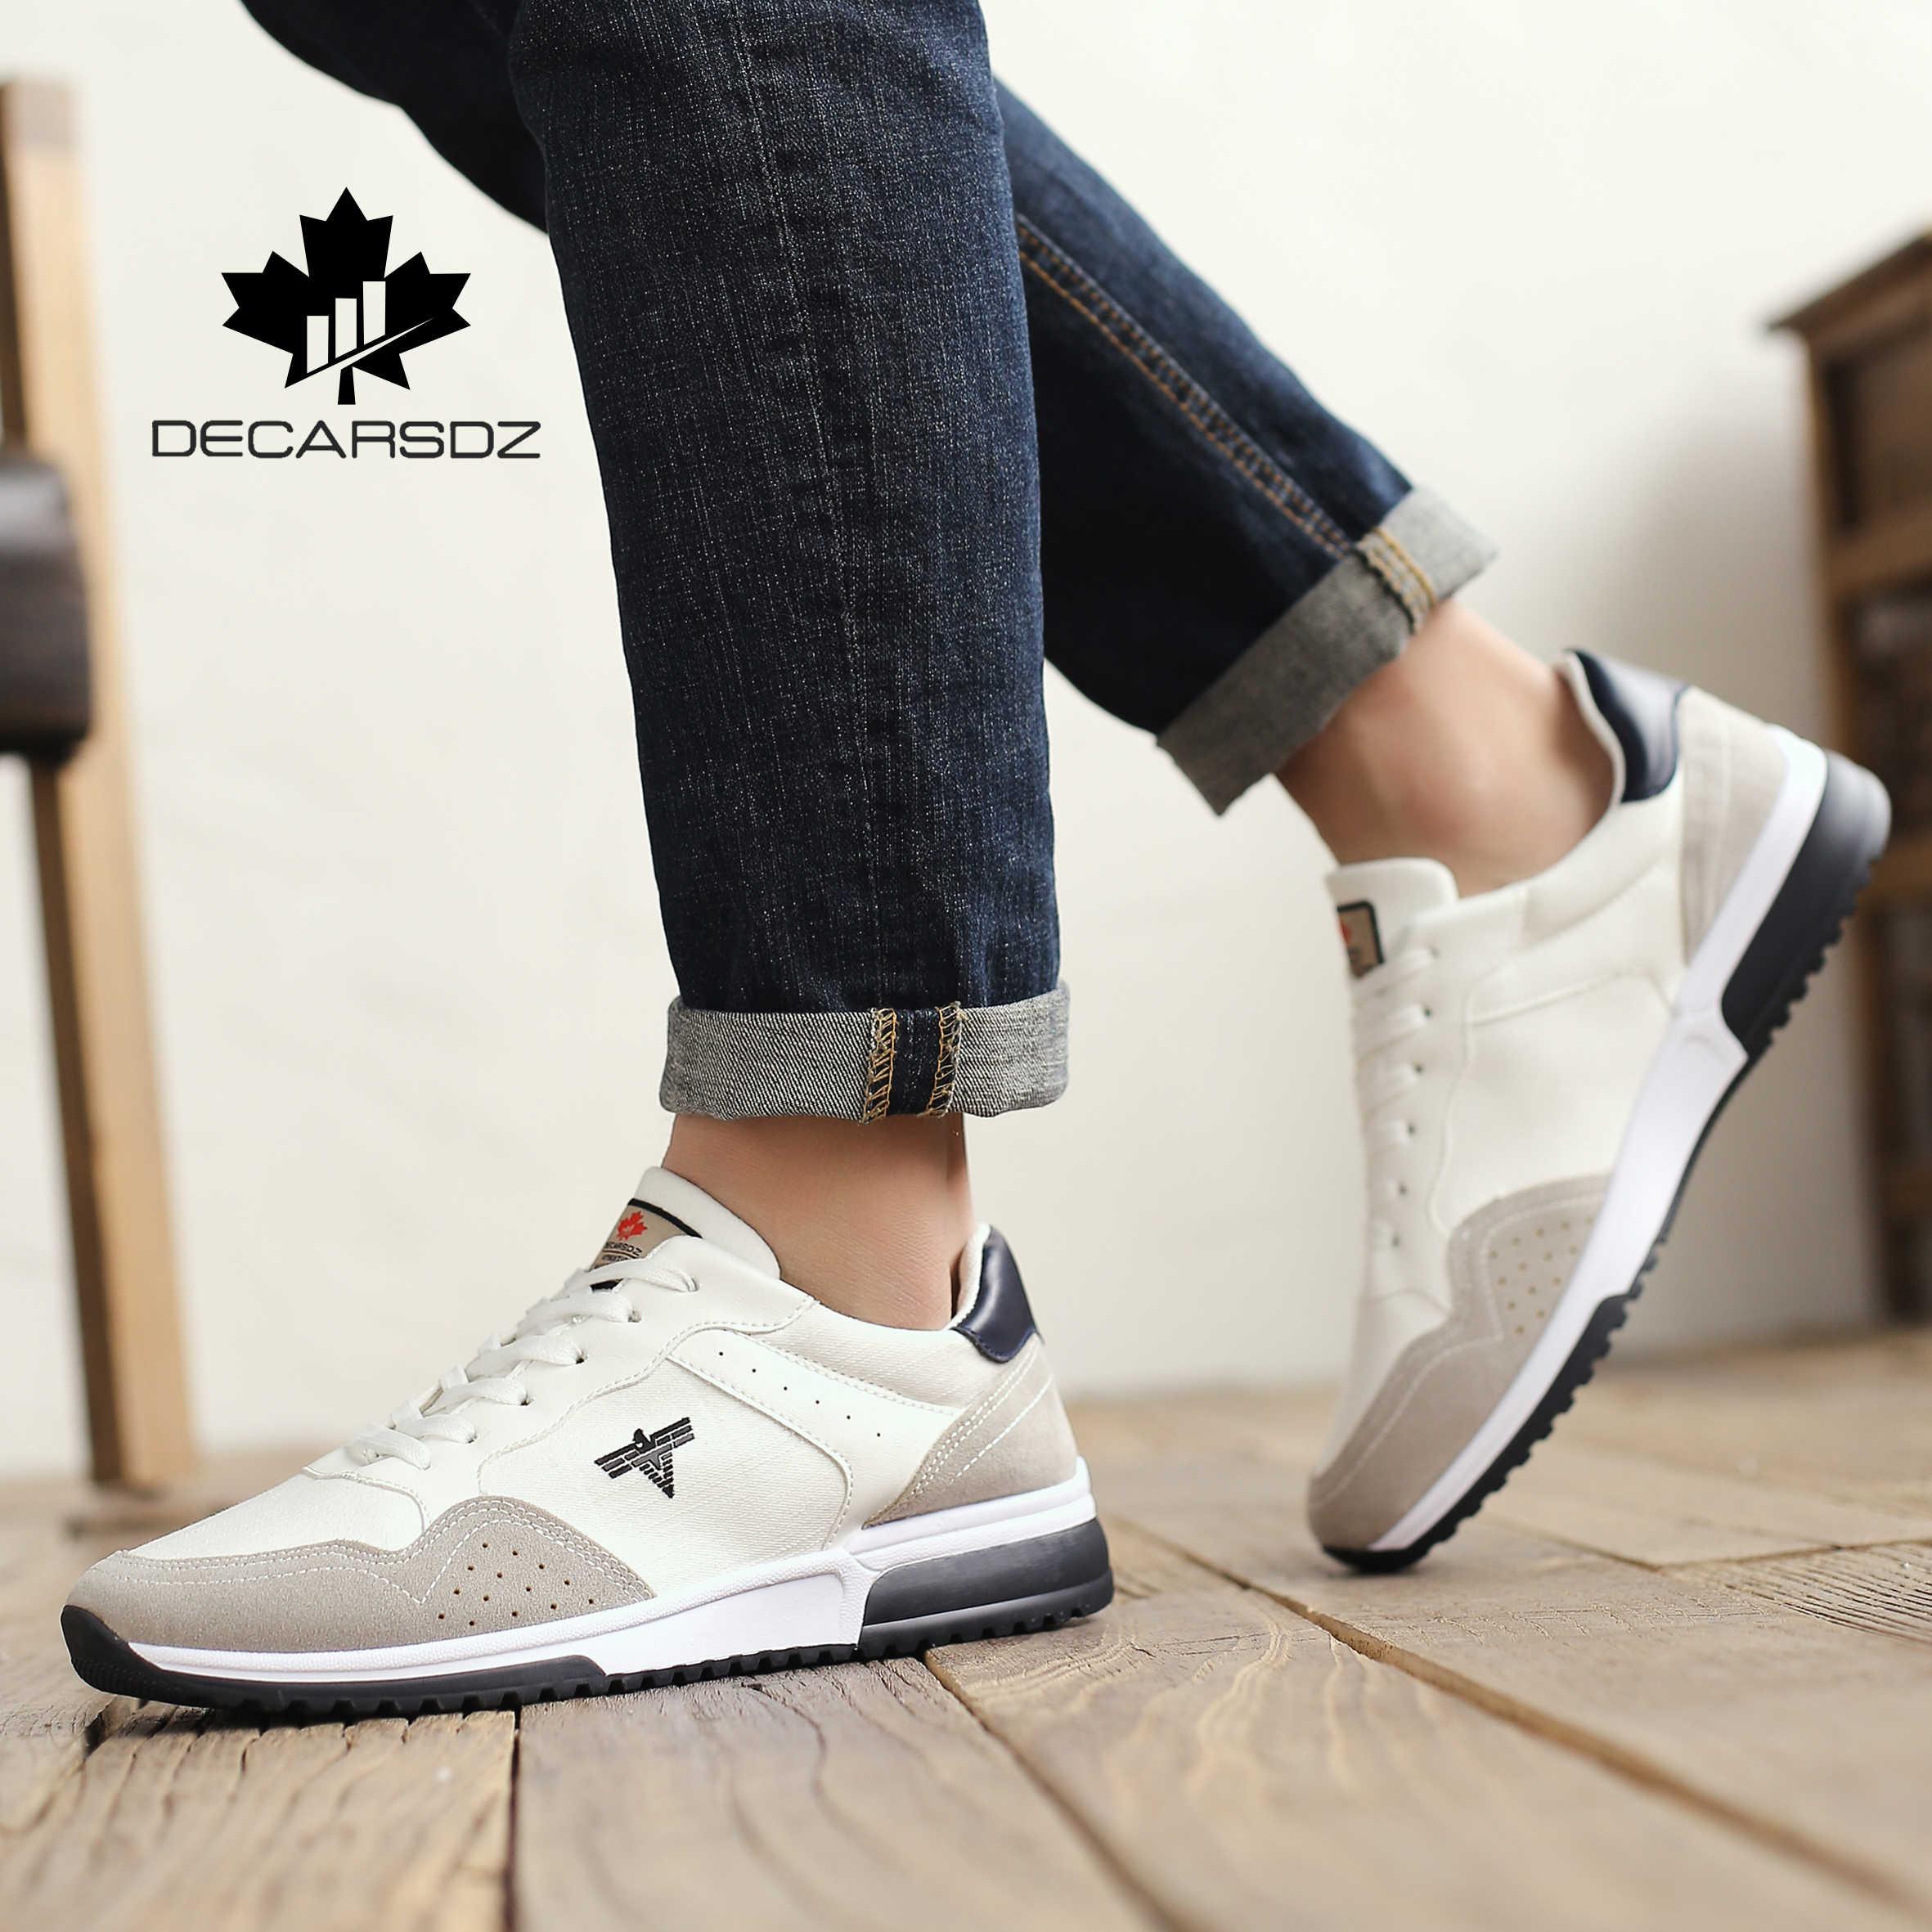 DECARSDZ Sneakers erkekler için 2020 bahar koşu ayakkabıları erkek marka rahat spor erkek ayakkabıları erkek moda yürüyüş gündelik erkek ayakkabısı